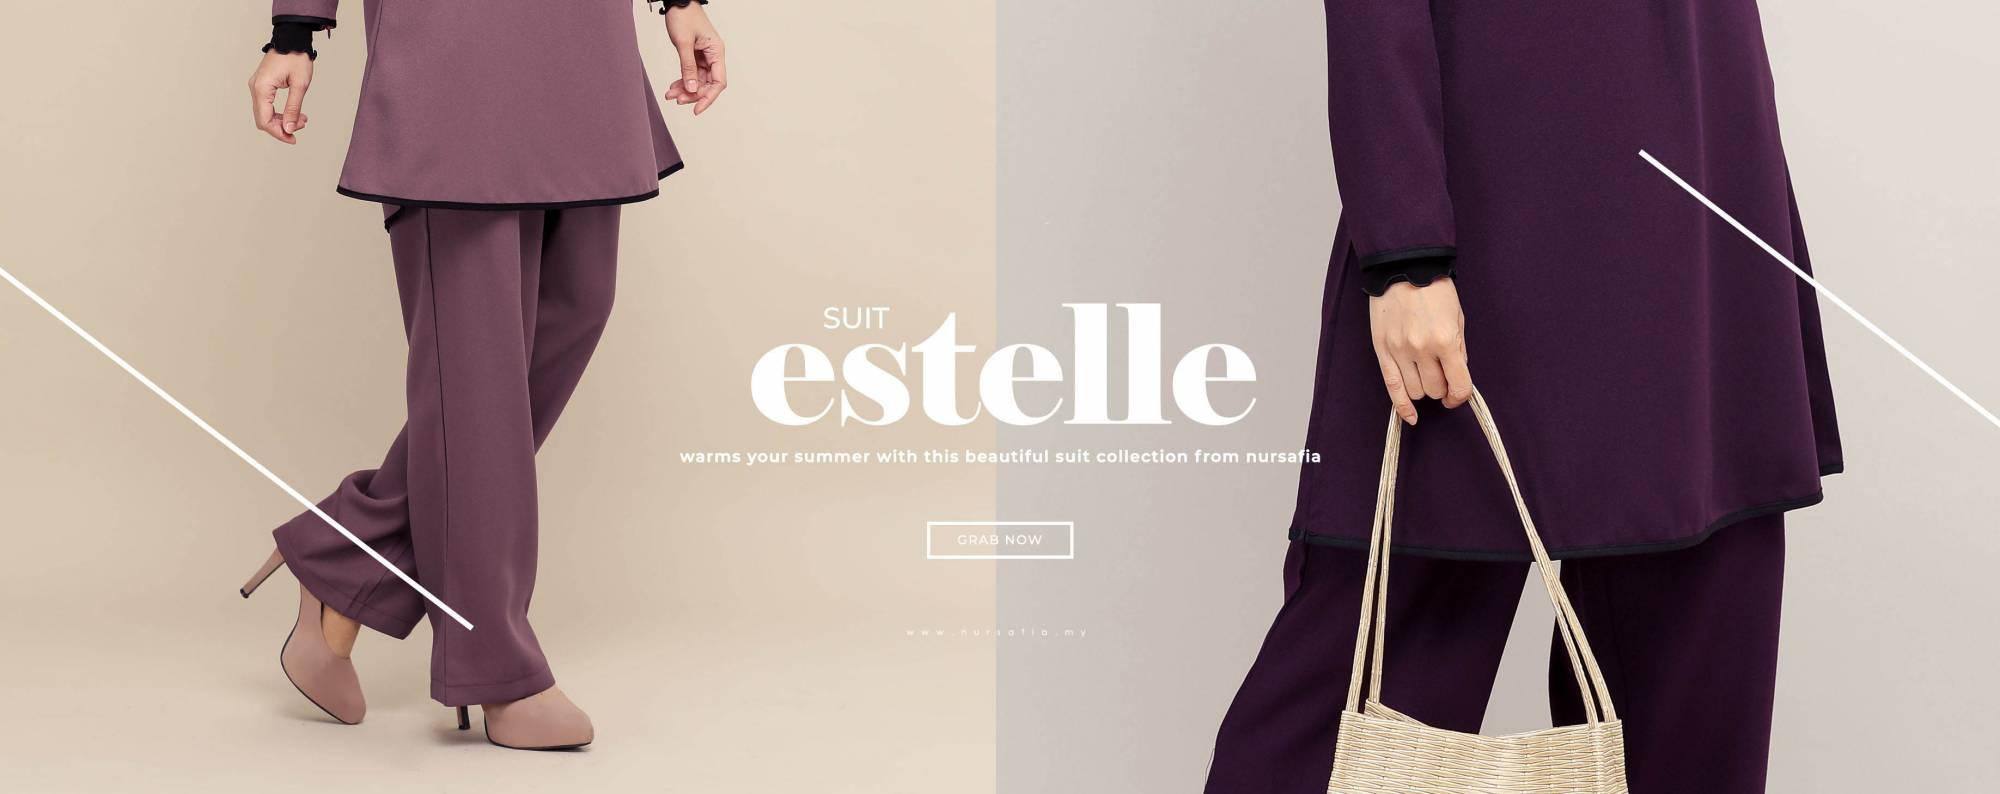 Estelle Suit